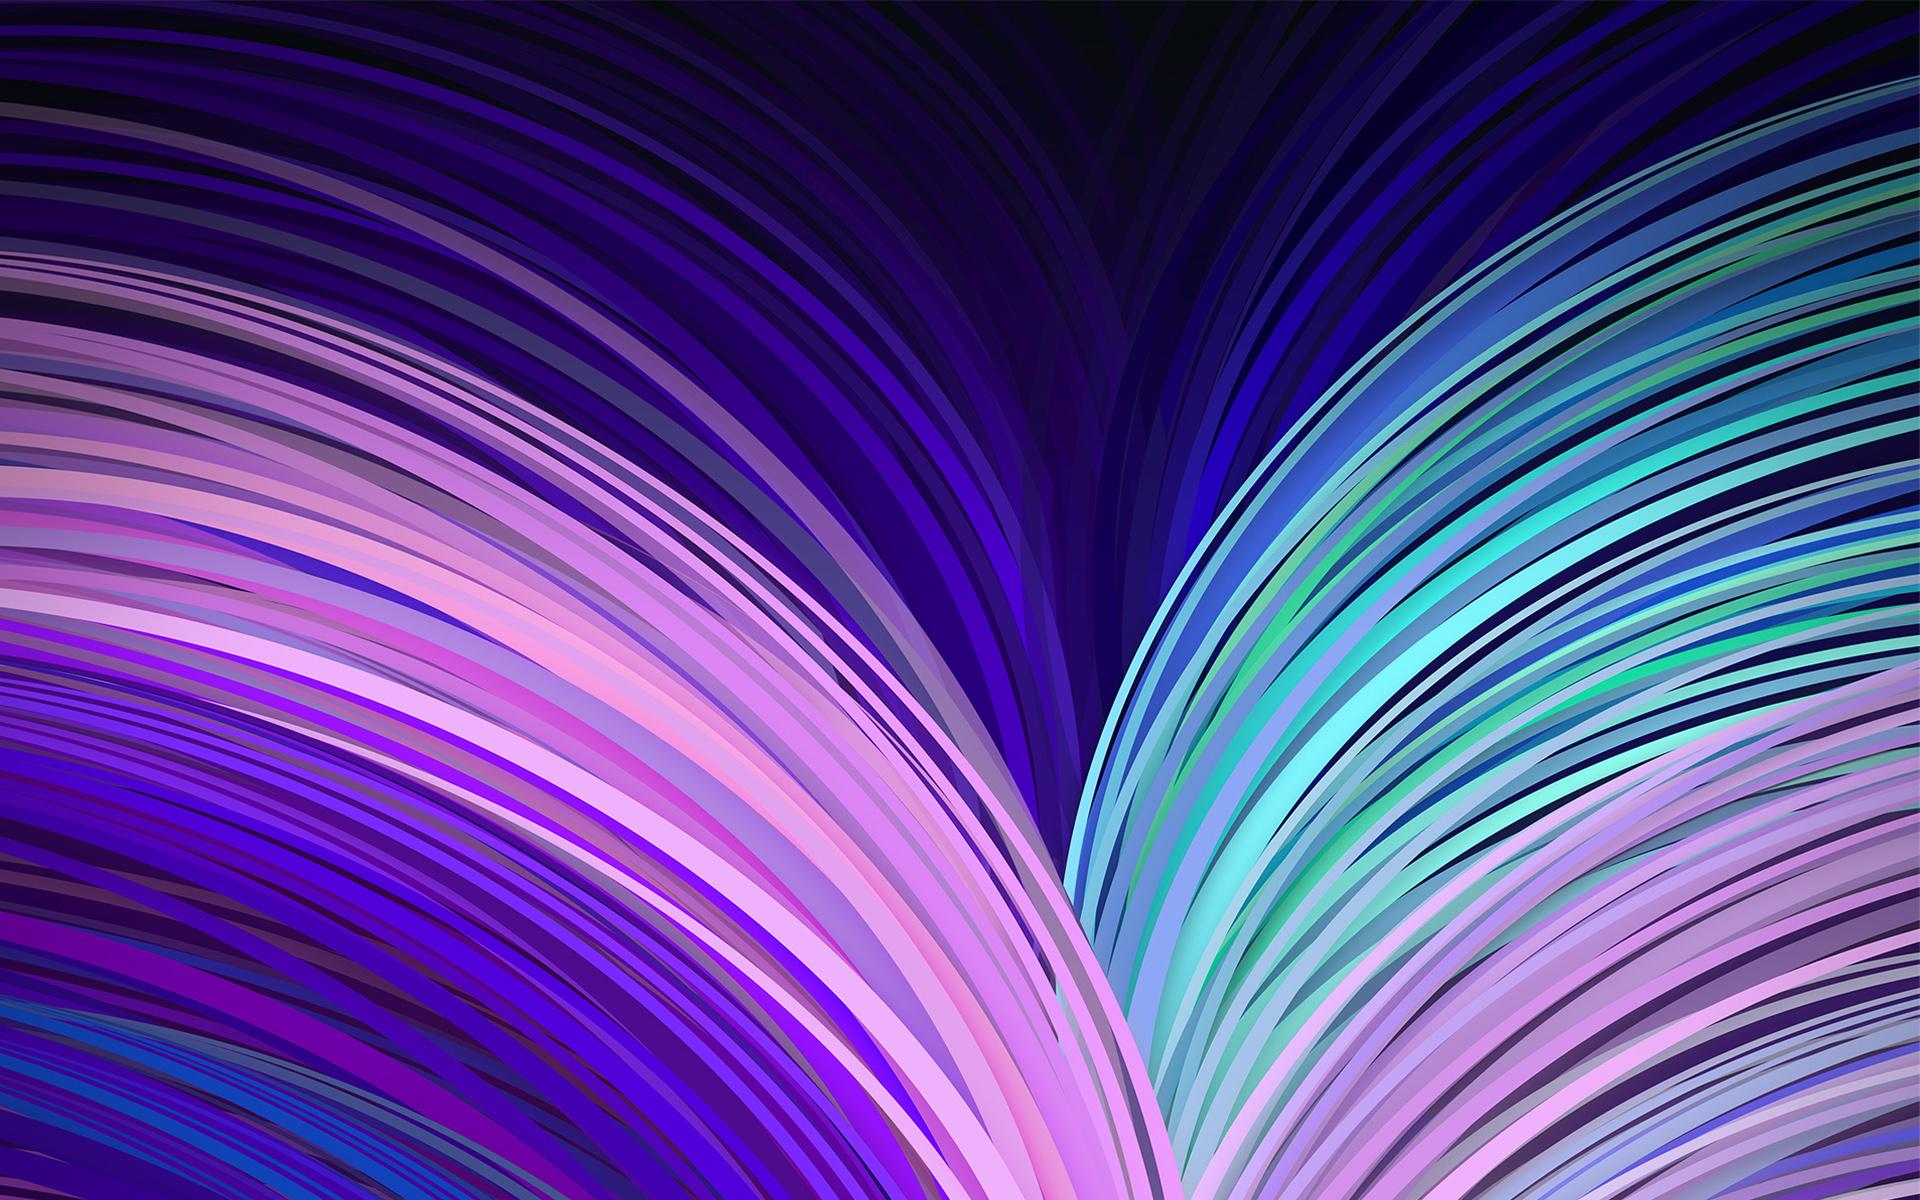 Neon Flow Wallpapers HD Wallpapers 1920x1200